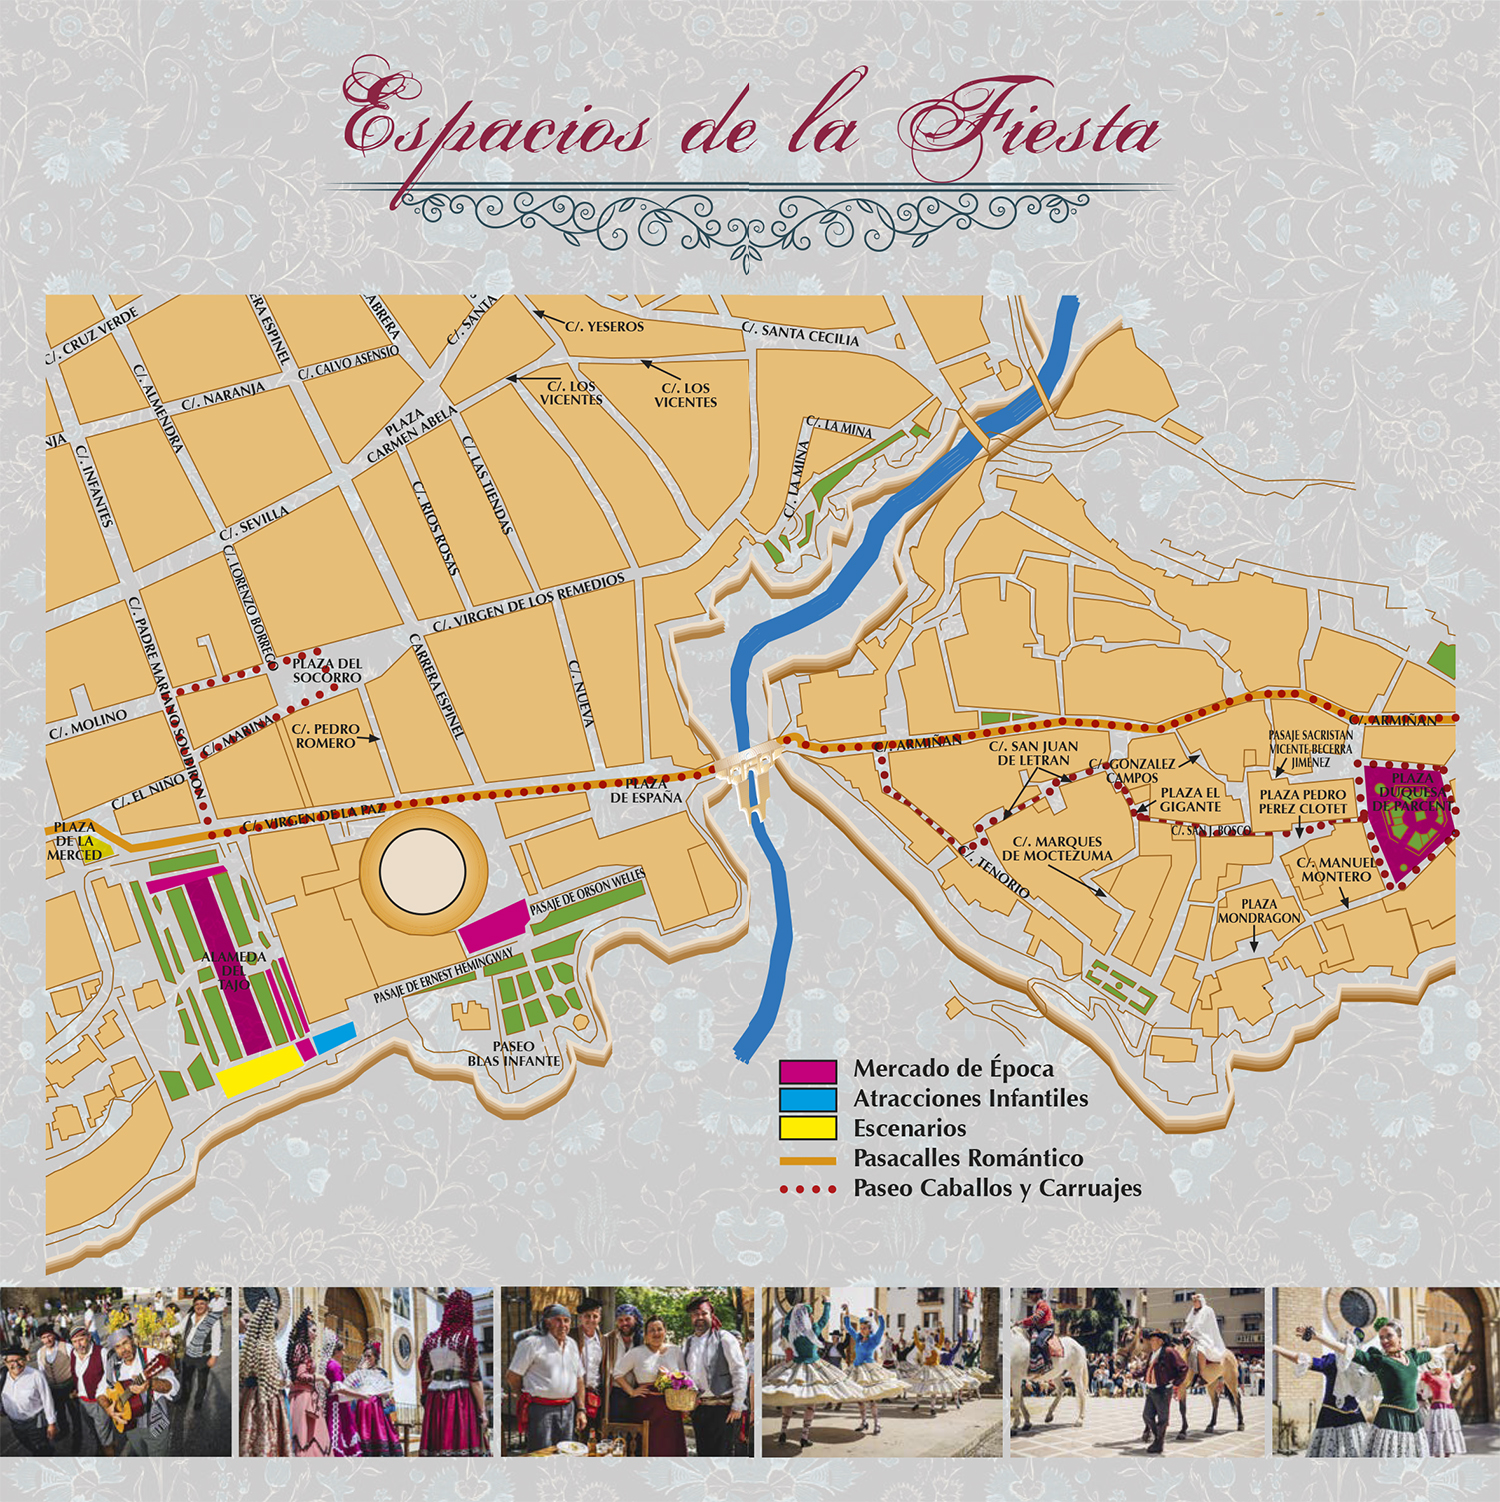 Espacios de la Fiesta (Mapa)